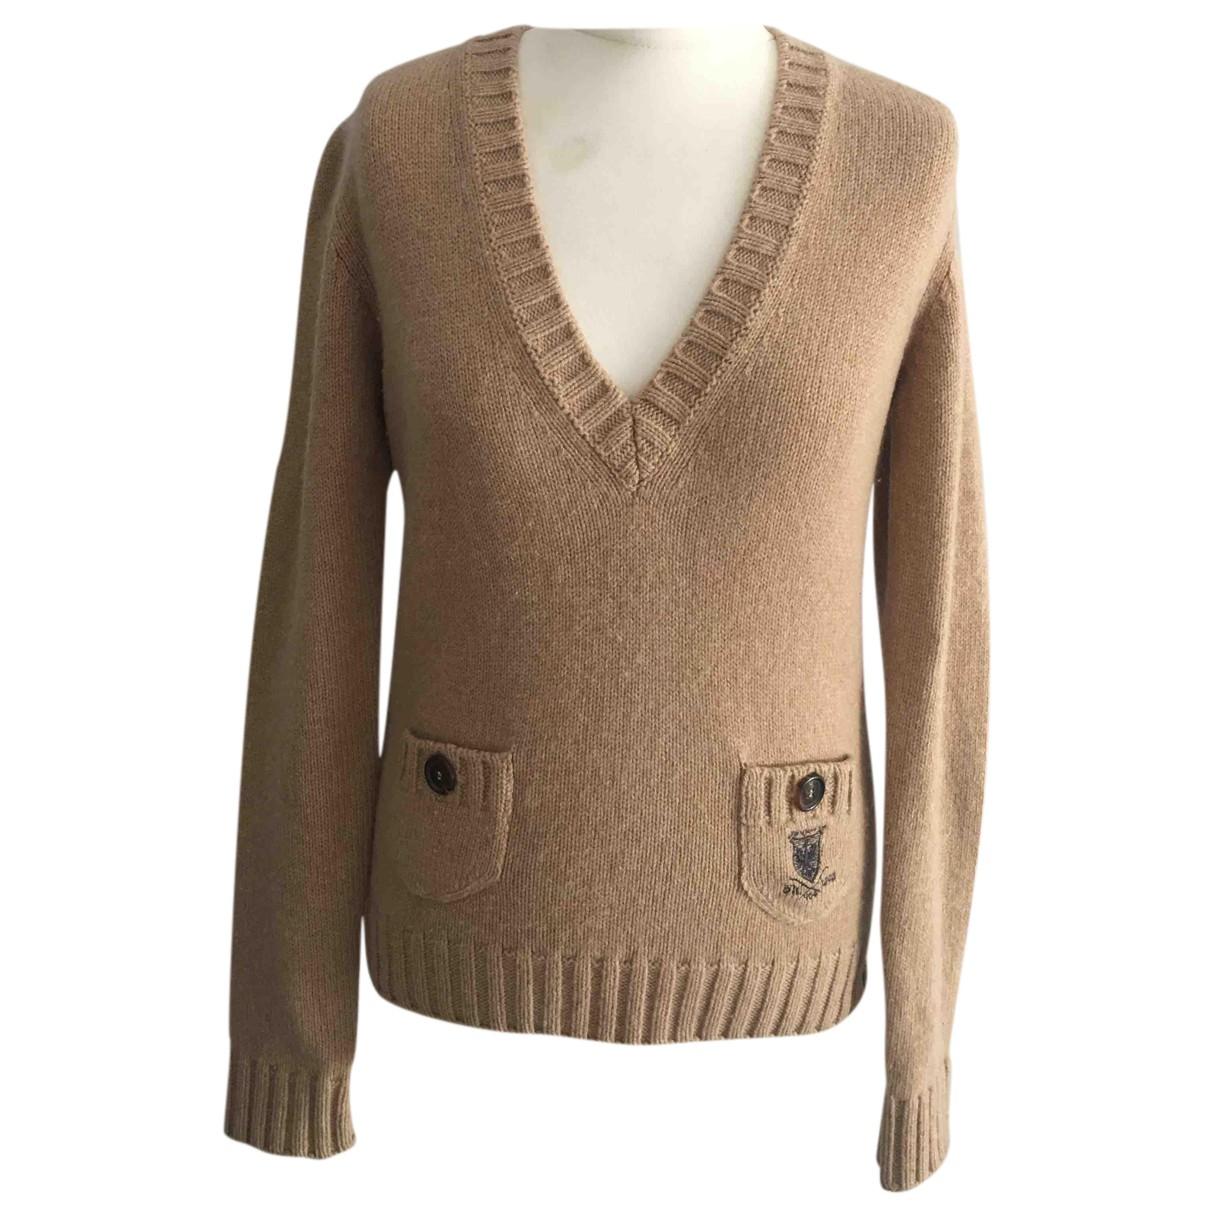 Dsquared2 N Beige Wool Knitwear for Women M International